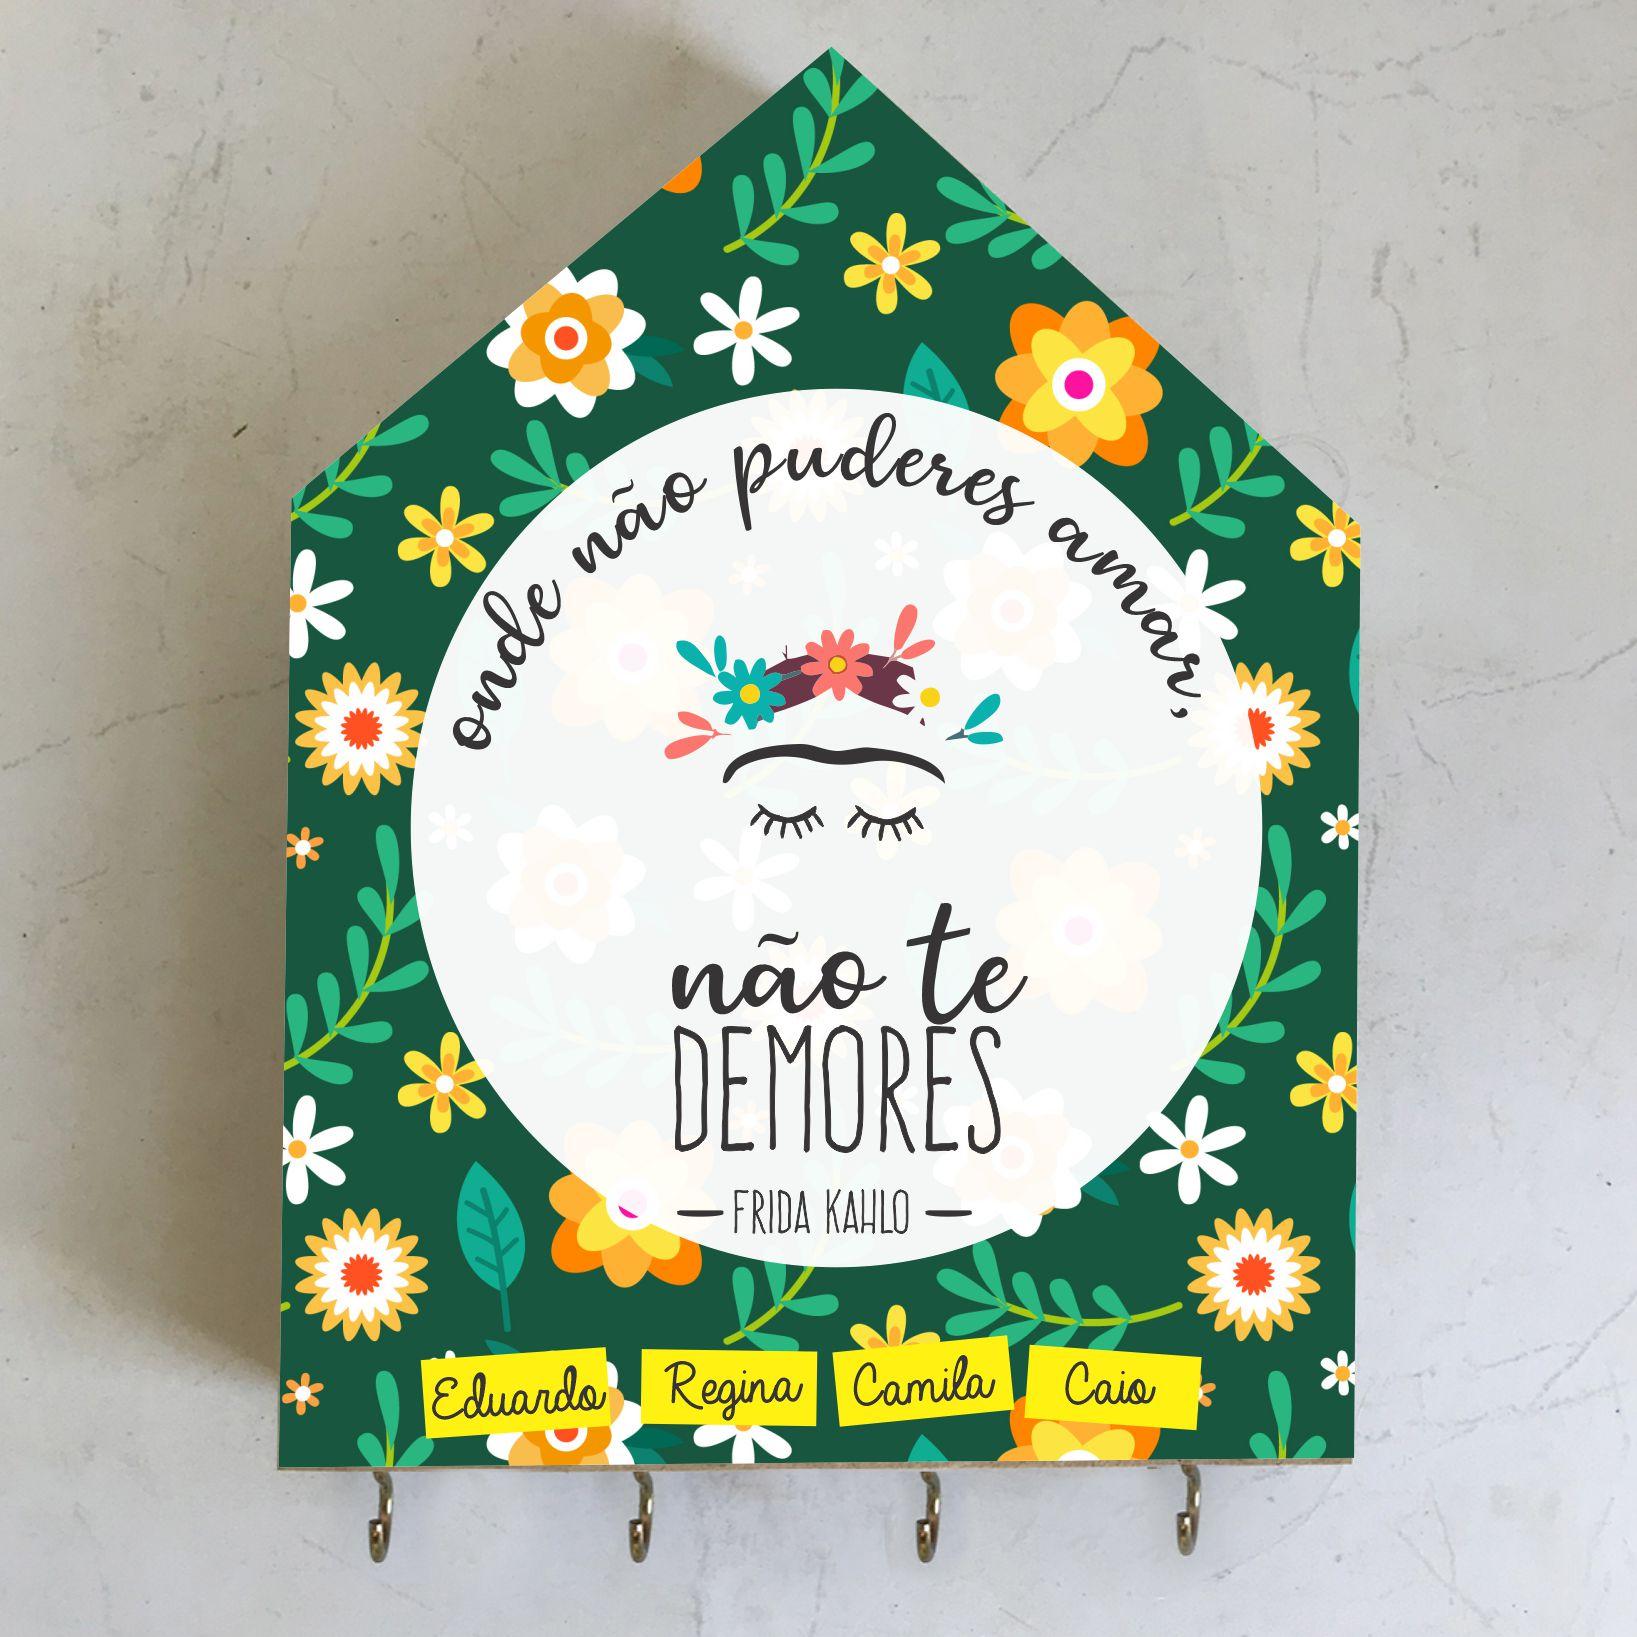 Porta-Chaves Personalizado Frida Kahlo - Não te Demores